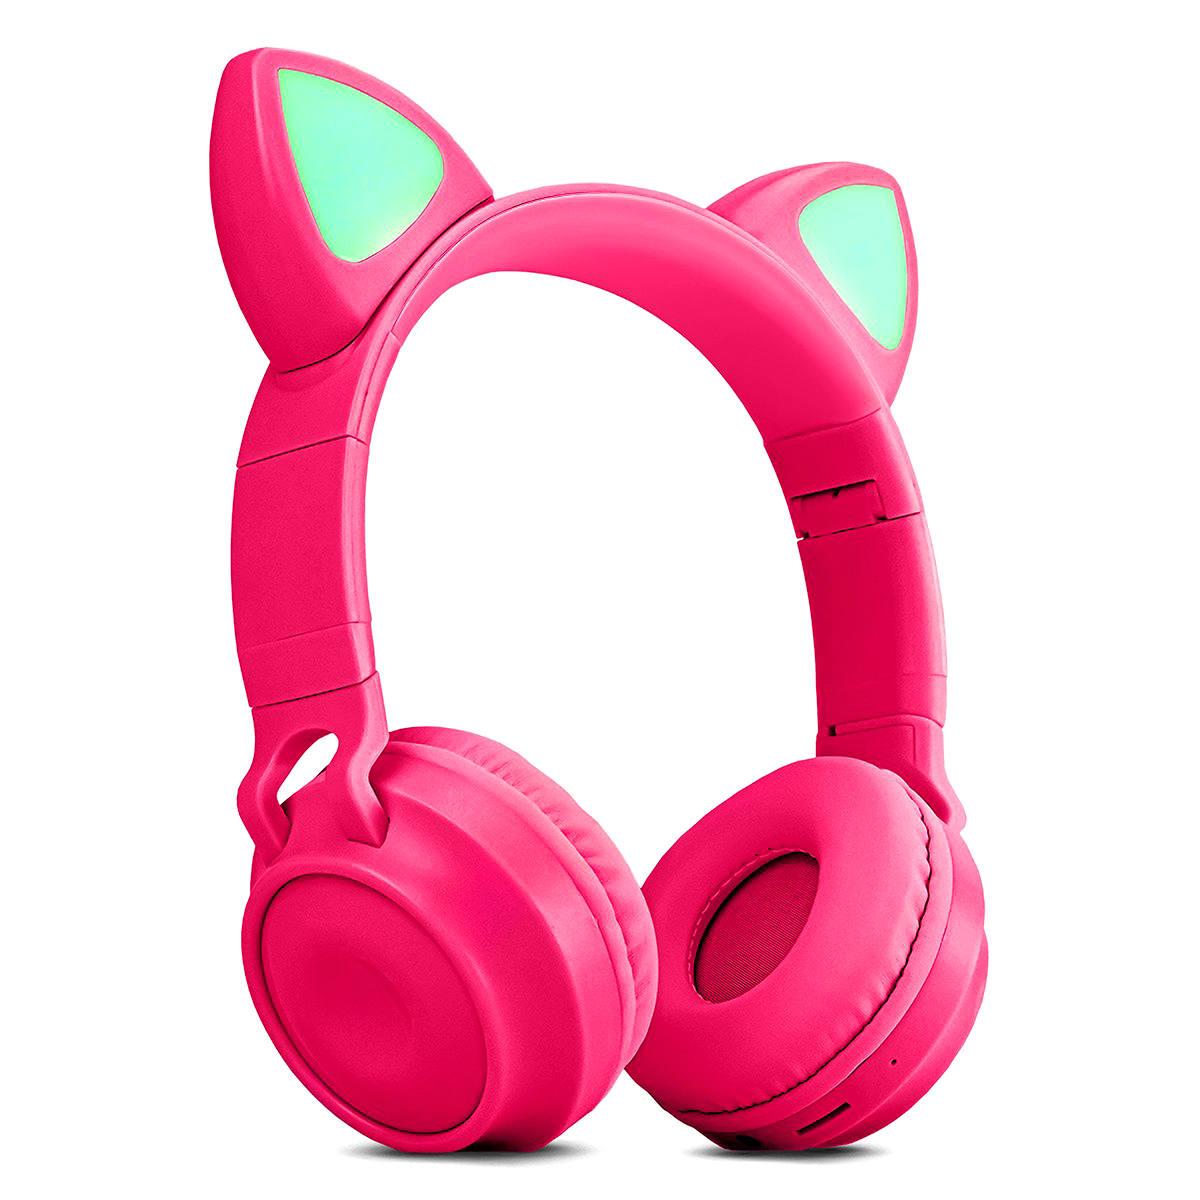 Fone Gatinho com Bluetooth 5.0 Dobrável Iluminação LED em 8 Cores Microfone Embutido Exbom HF-C290BT Pink